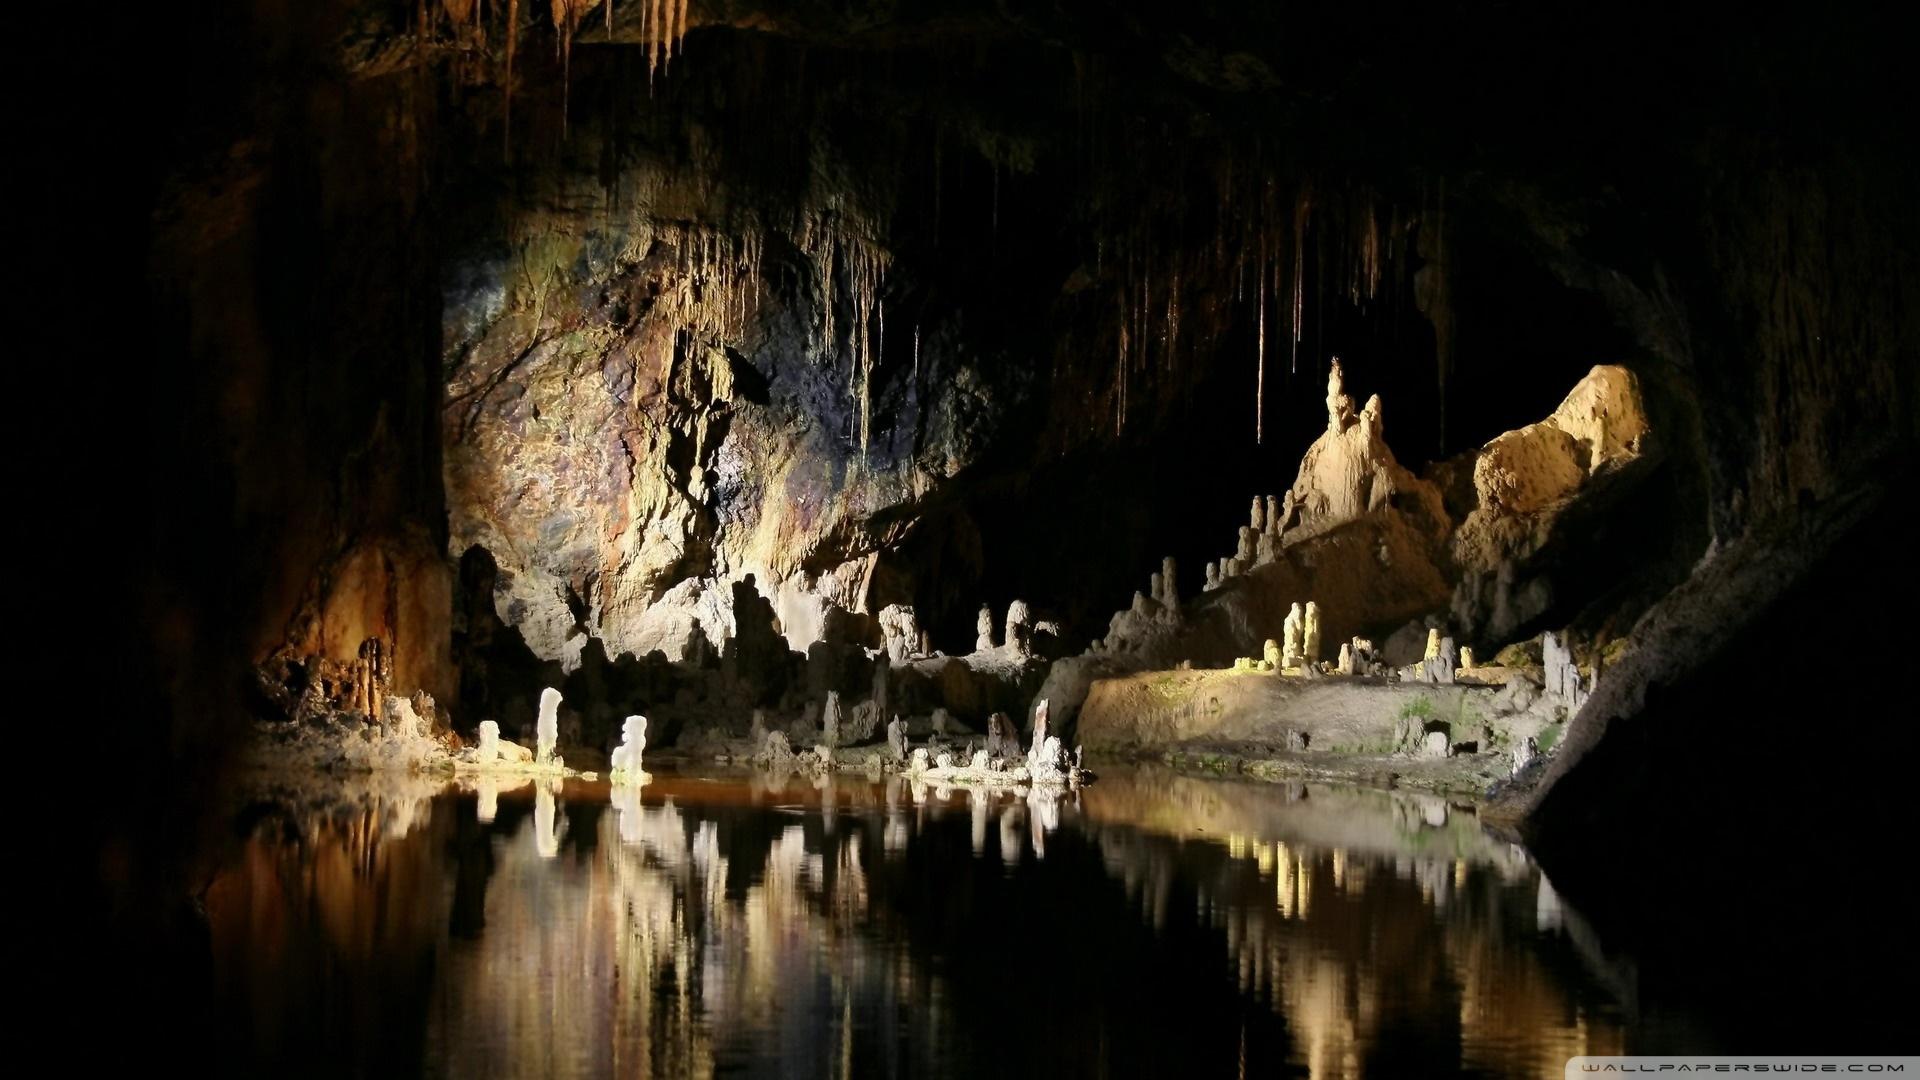 Cave Wallpaper 1920x1080 Cave 1920x1080